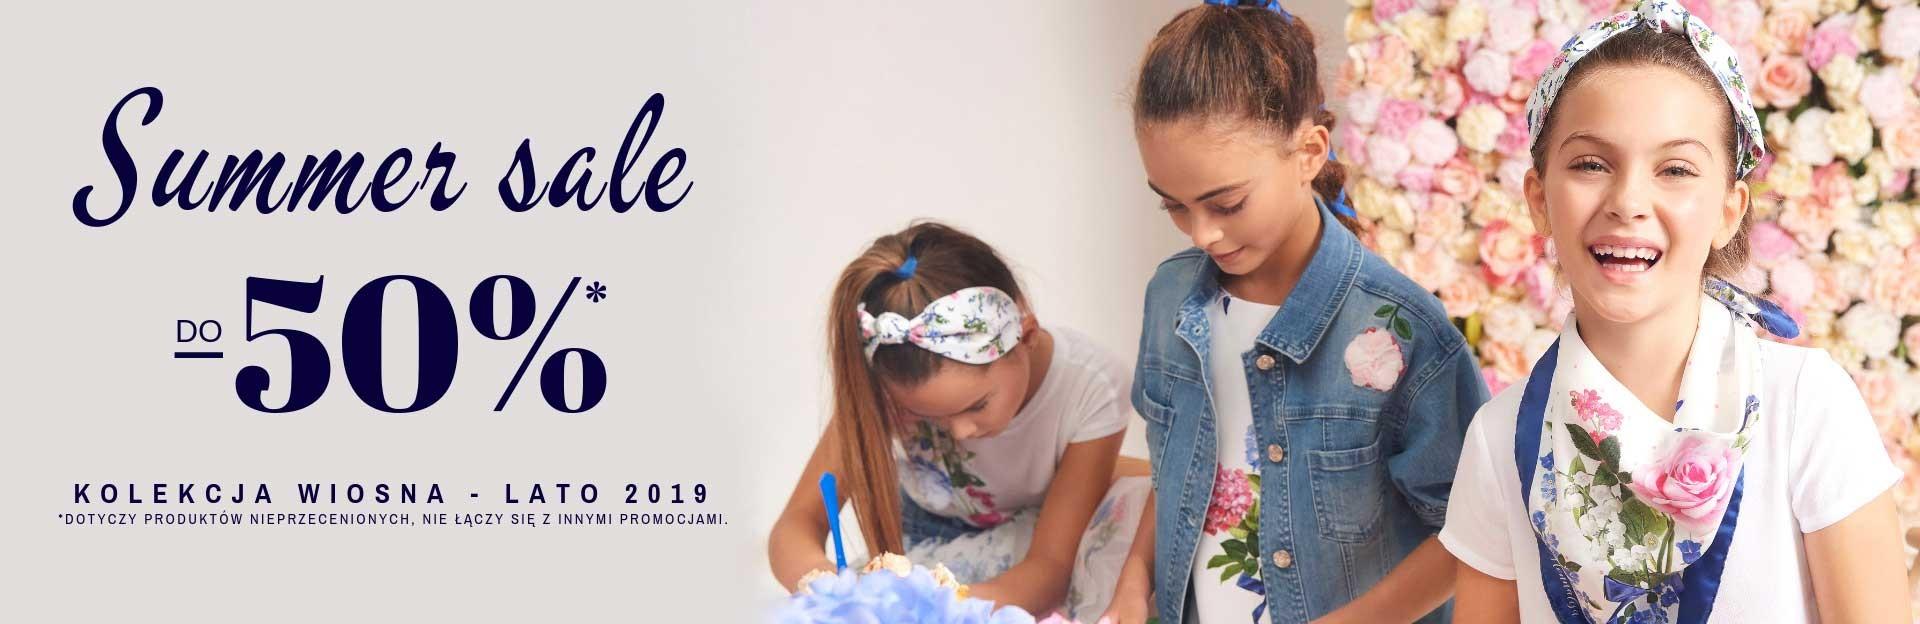 b72e1cc6fdc673 Ekskluzywne, markowe, oryginalne, eleganckie ubrania dla dzieci ...